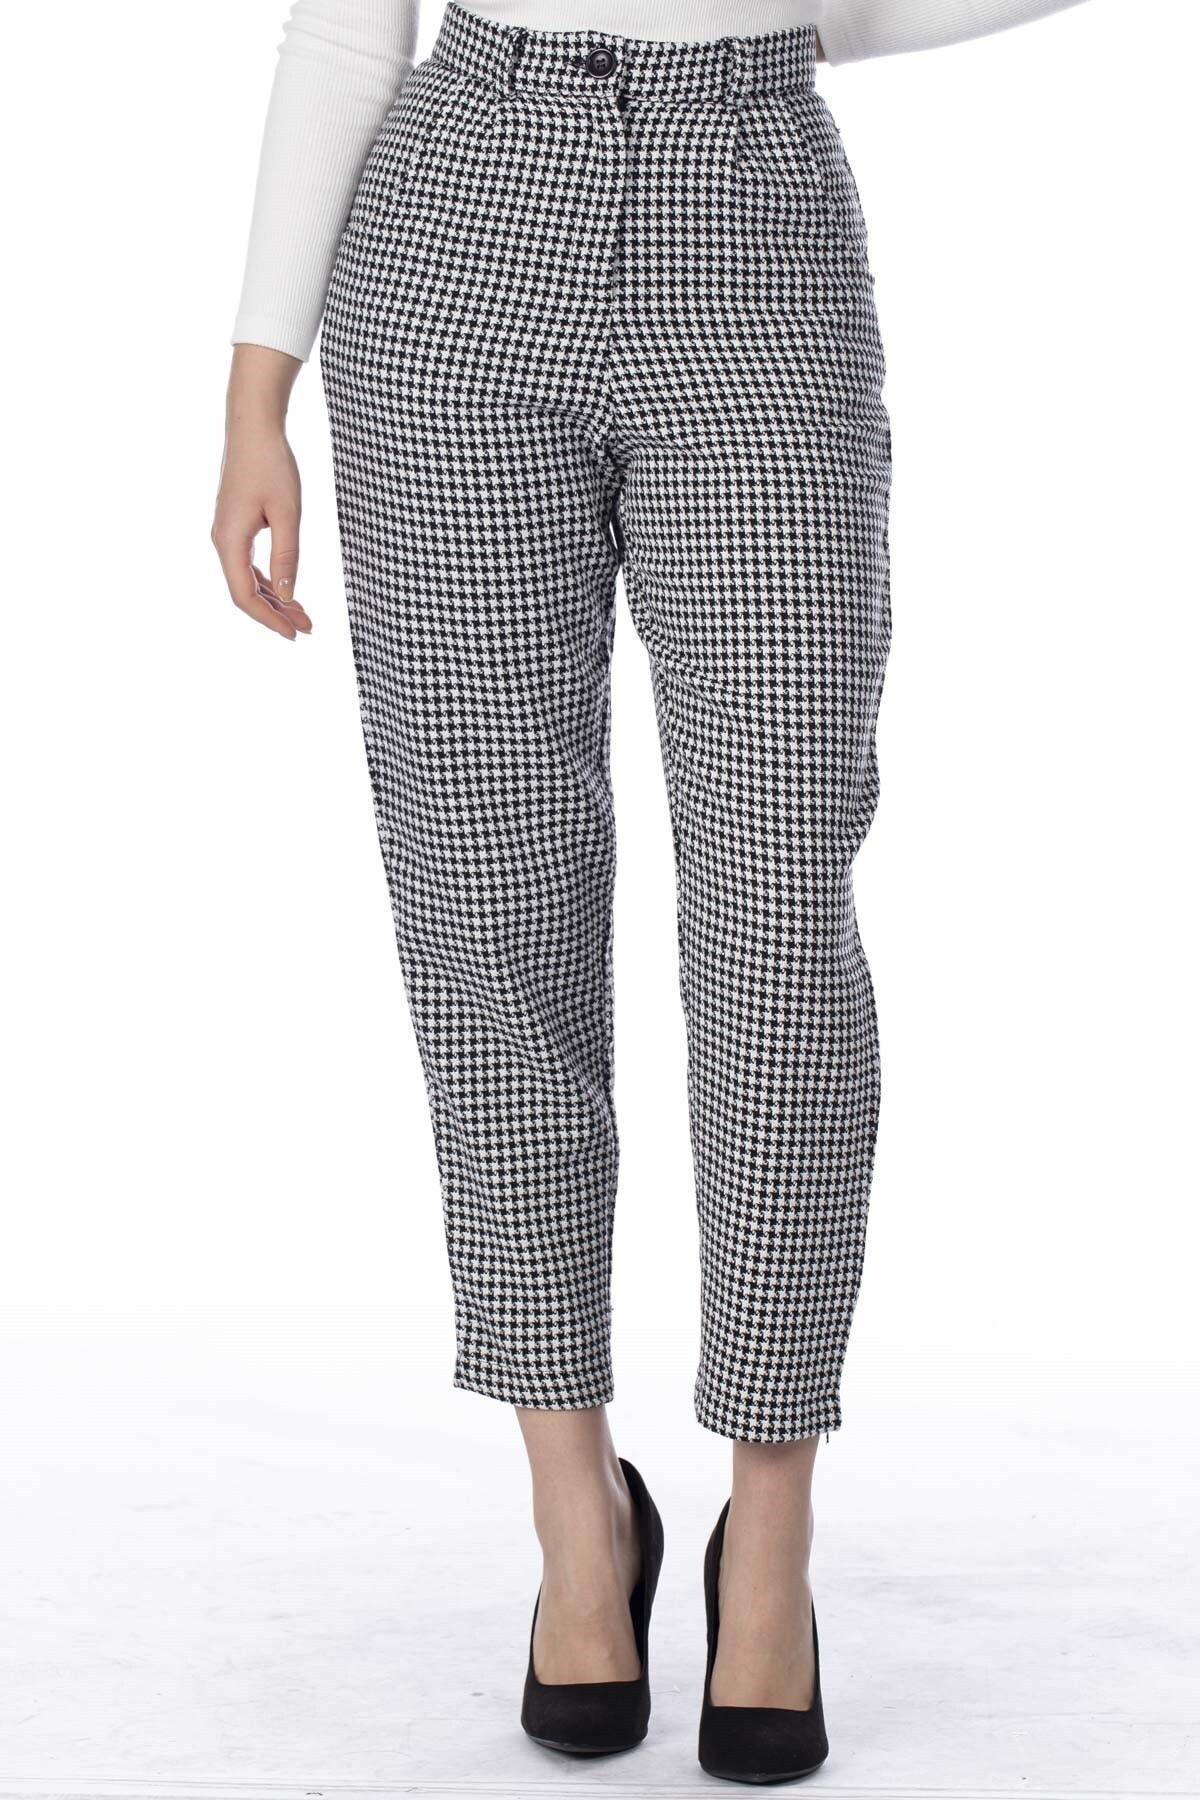 BARRELS AND OIL Kadın Siyah/Beyaz Kazayağı Desenli Pantolon 818-19K04002.91 1